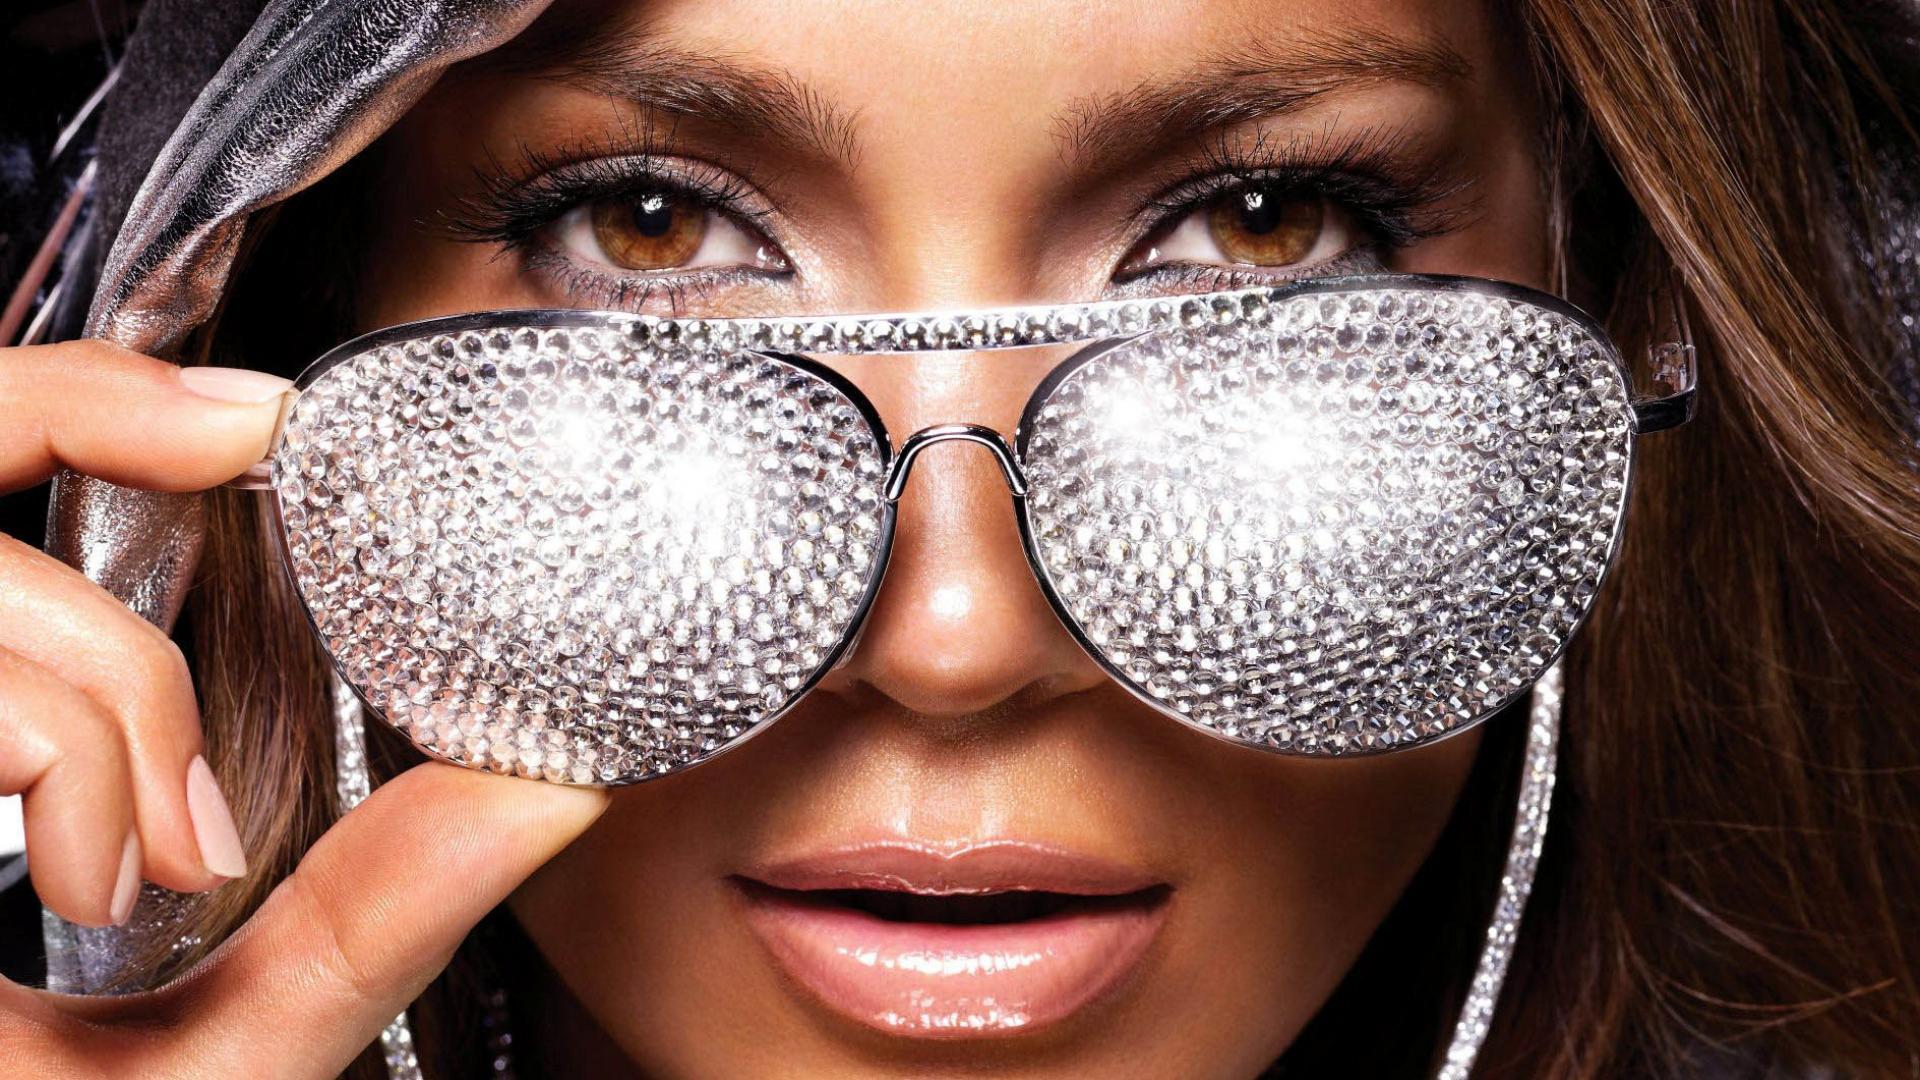 Смотреть бесплатно фото женского очка 13 фотография